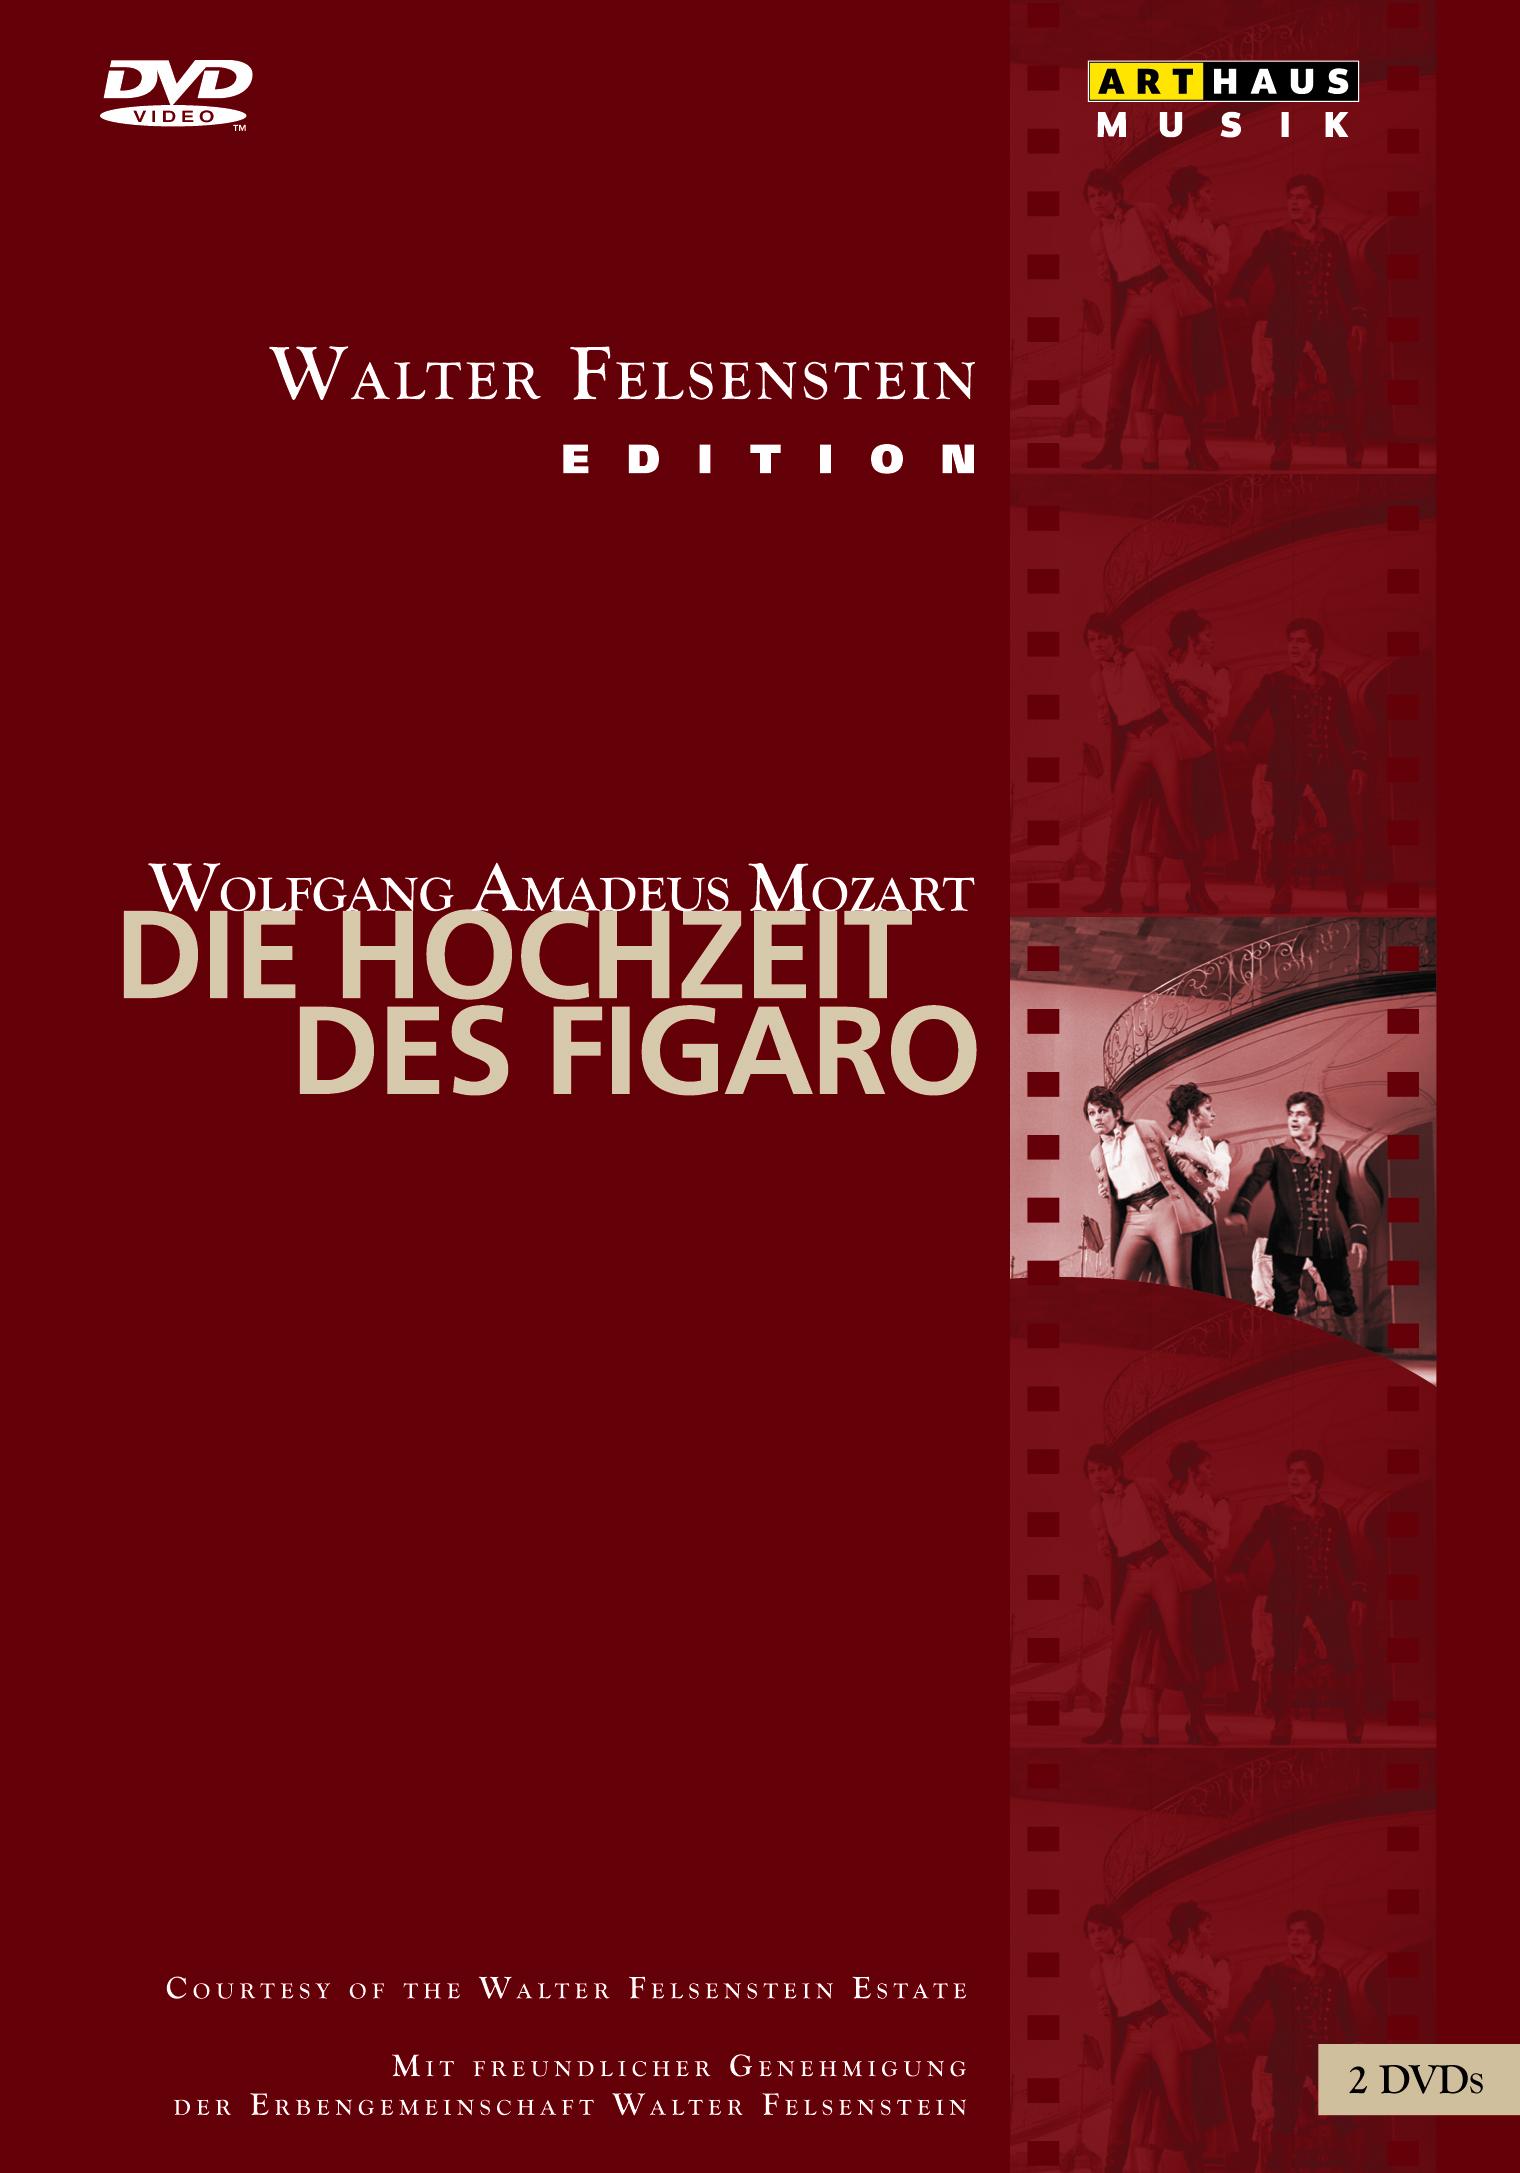 Wolfgang Amadeus Mozart Die Hochzeit Des Figaro Opera Dvd